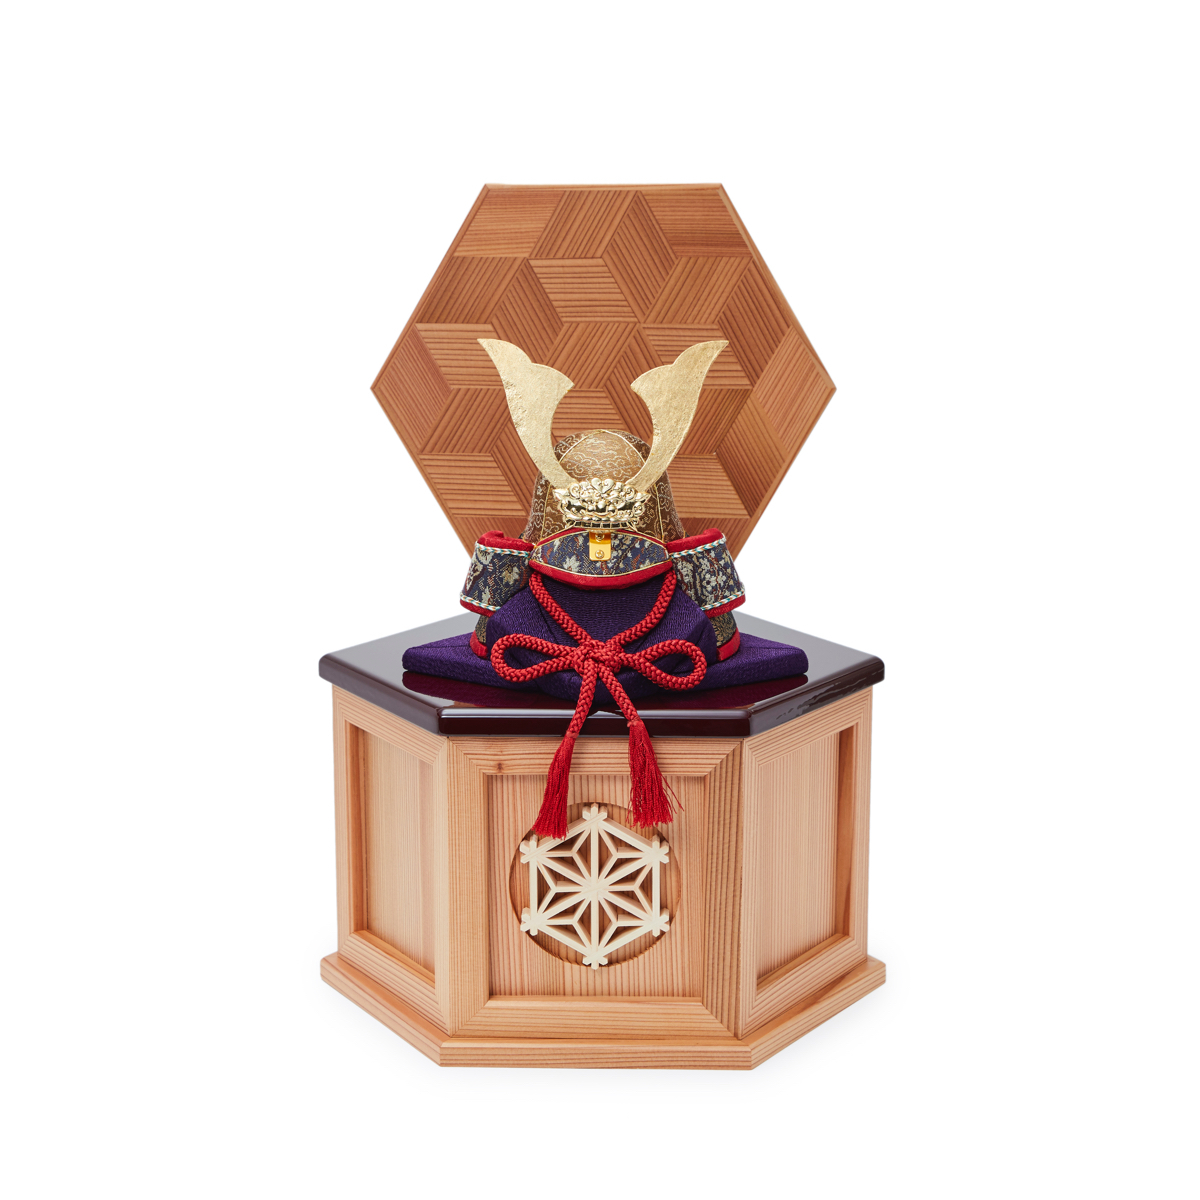 毎年の幸せを願う「五月人形」|《鹿沼組子モデル・小》6つの日本伝統工芸をコンパクトにした、木目込みプレミアム五月人形(兜飾り) | 宝輝